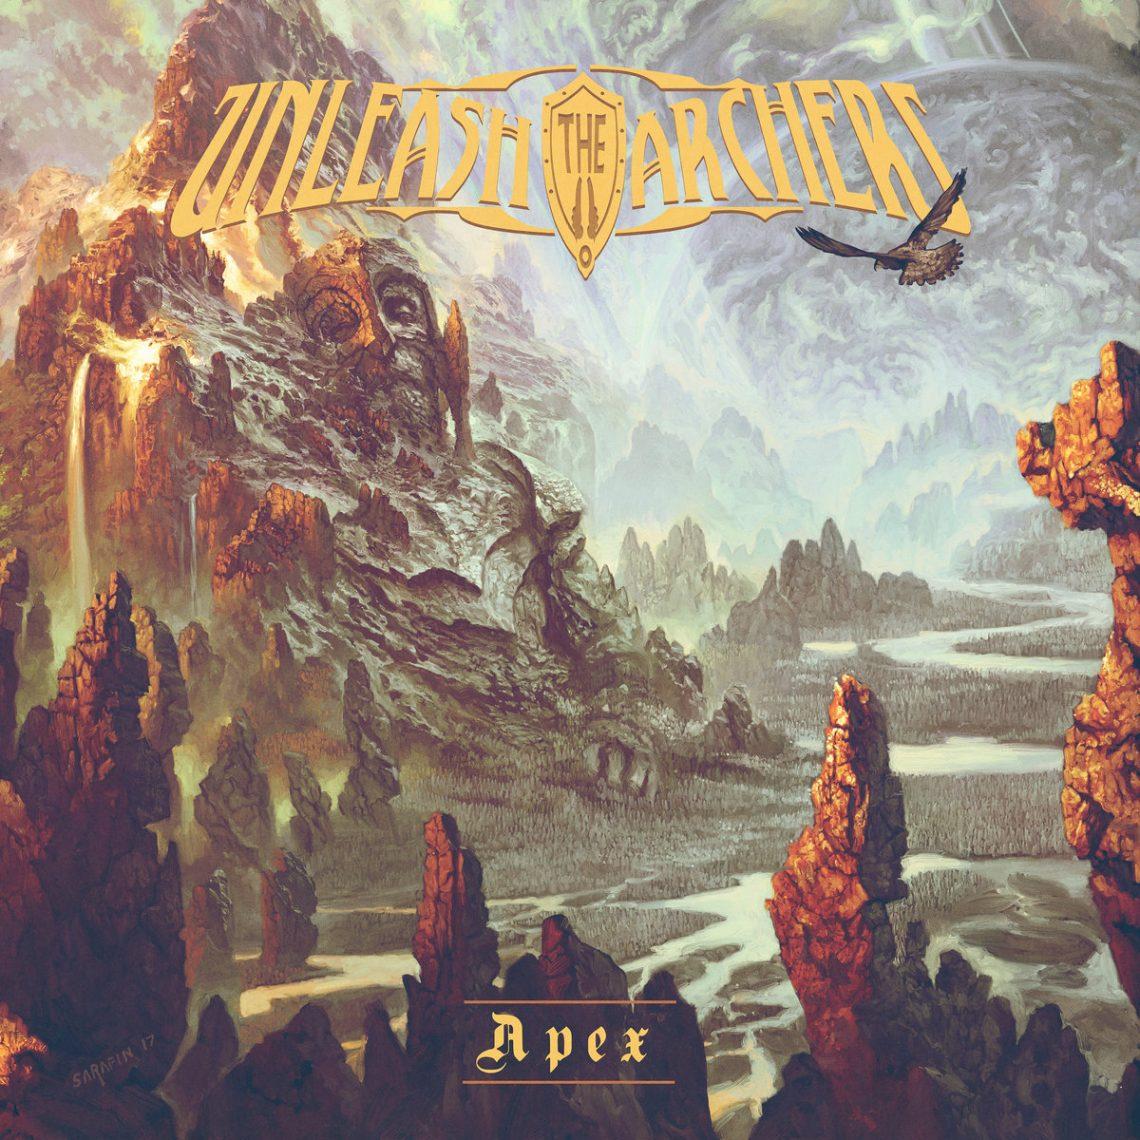 Unleash the Archers – Apex